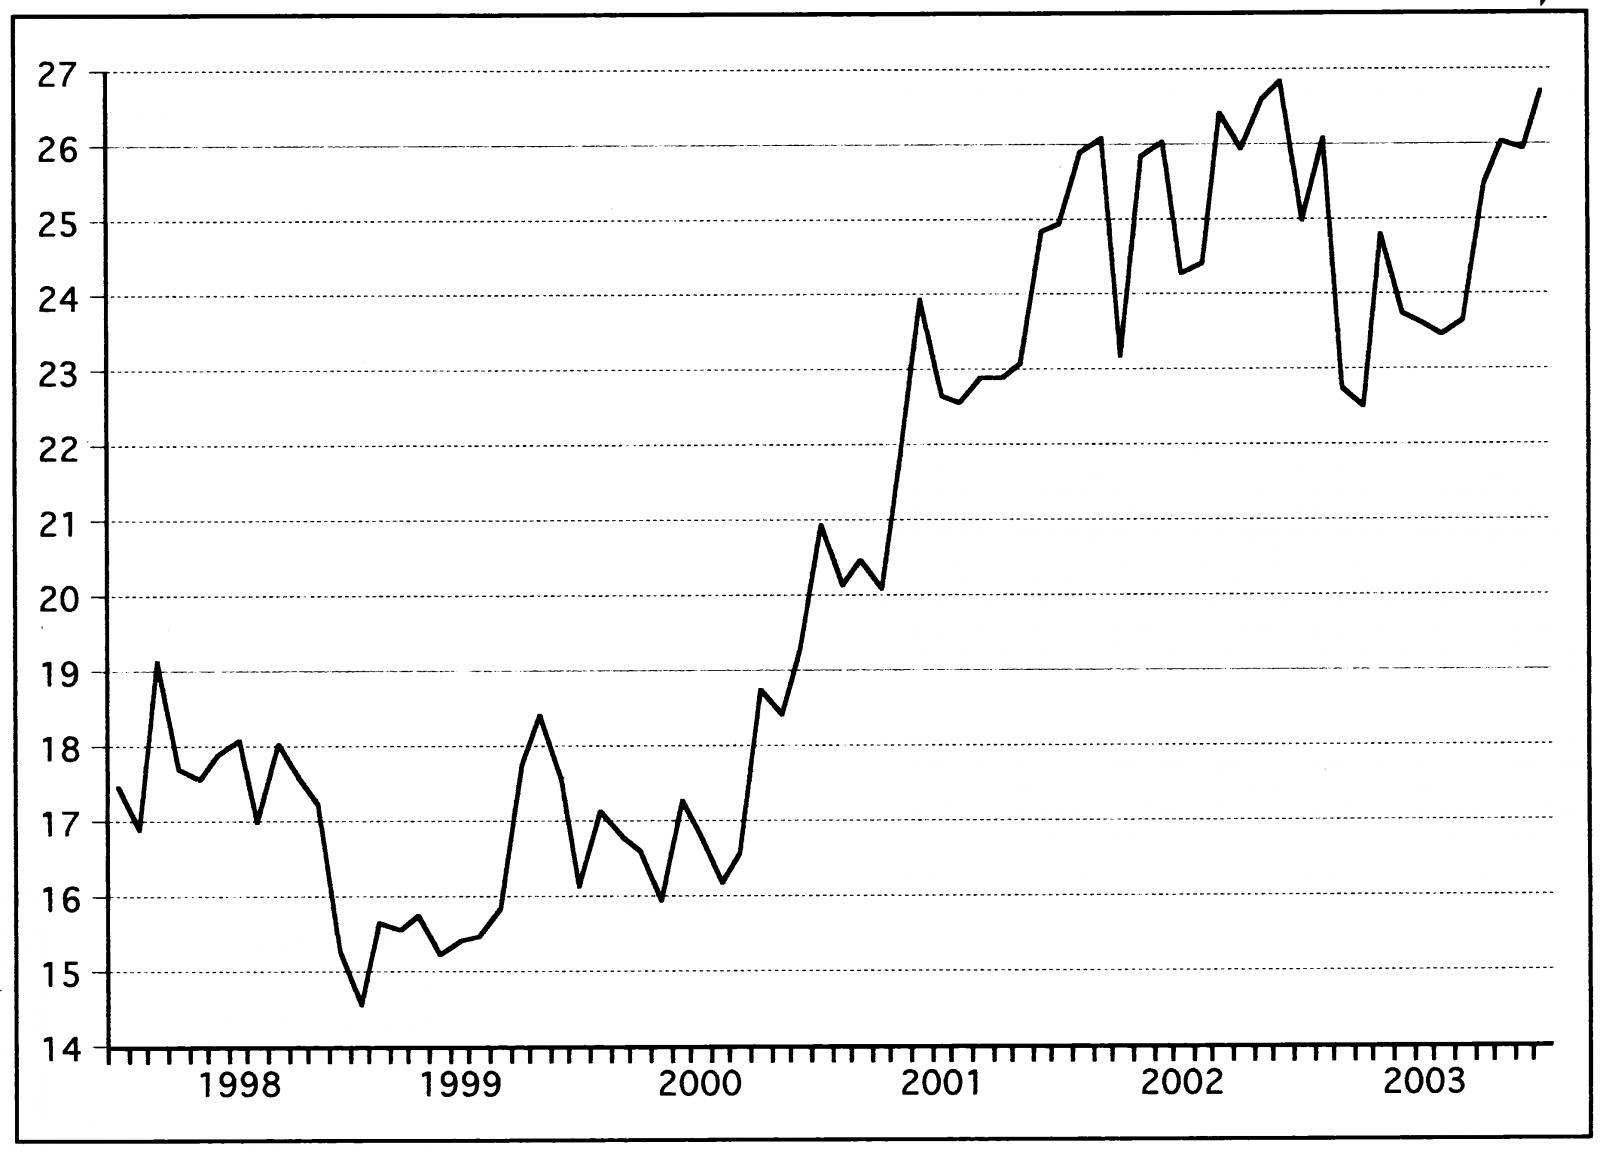 ריטס 2 - גרף מניה